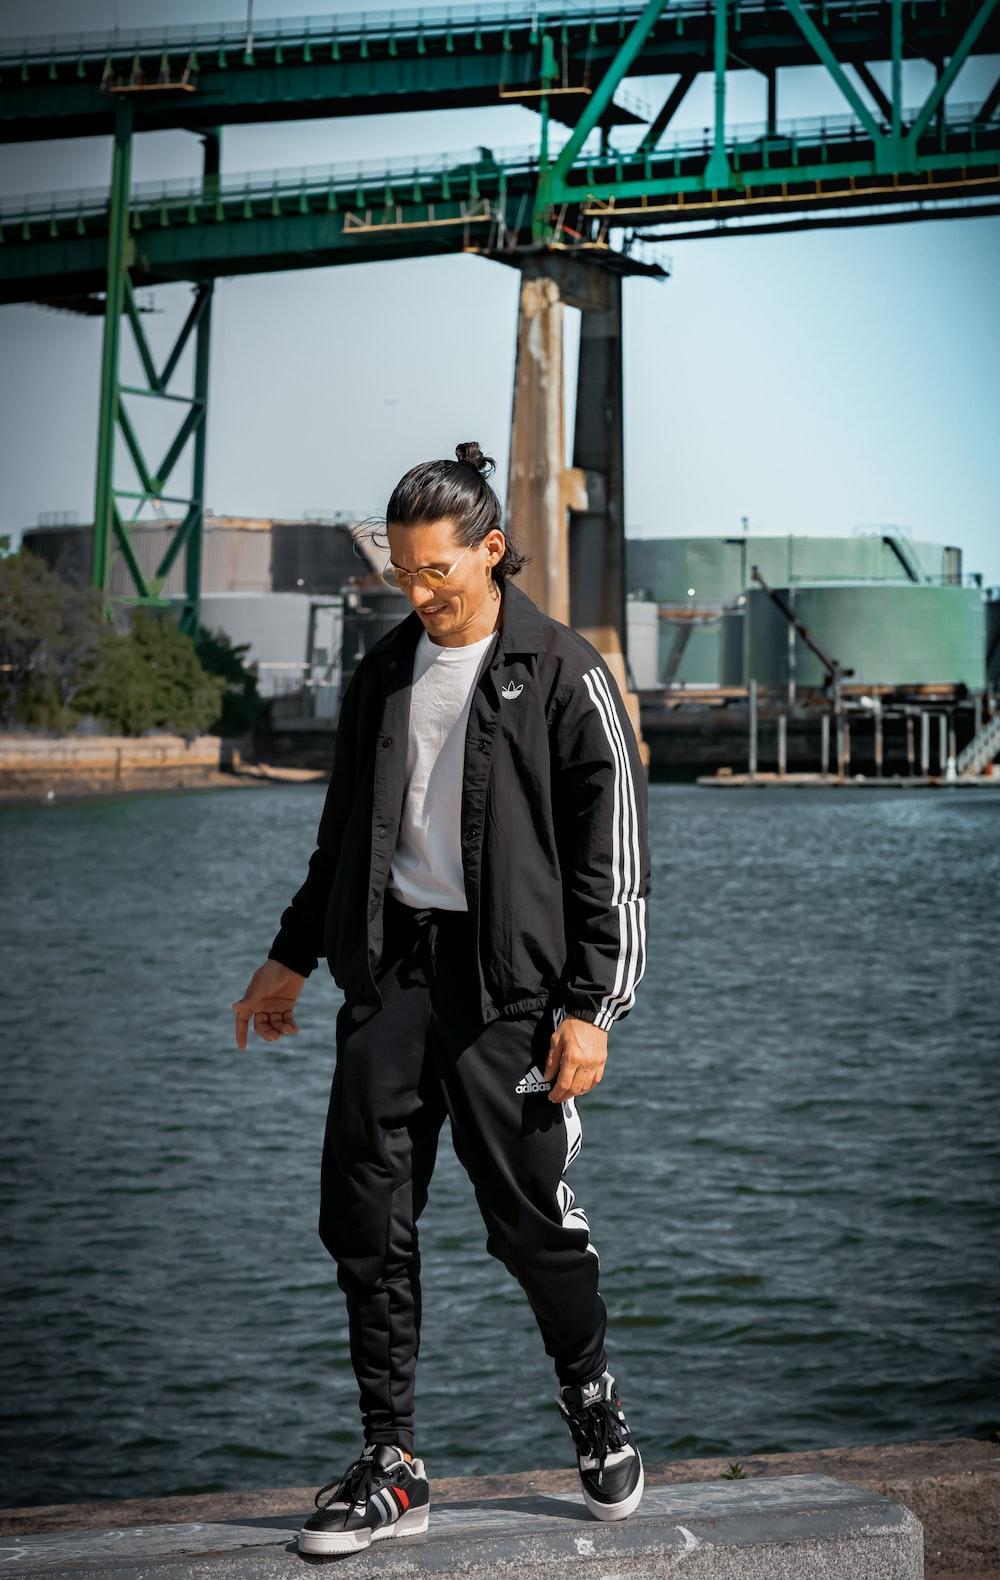 man wearing black and white full-zip jacket